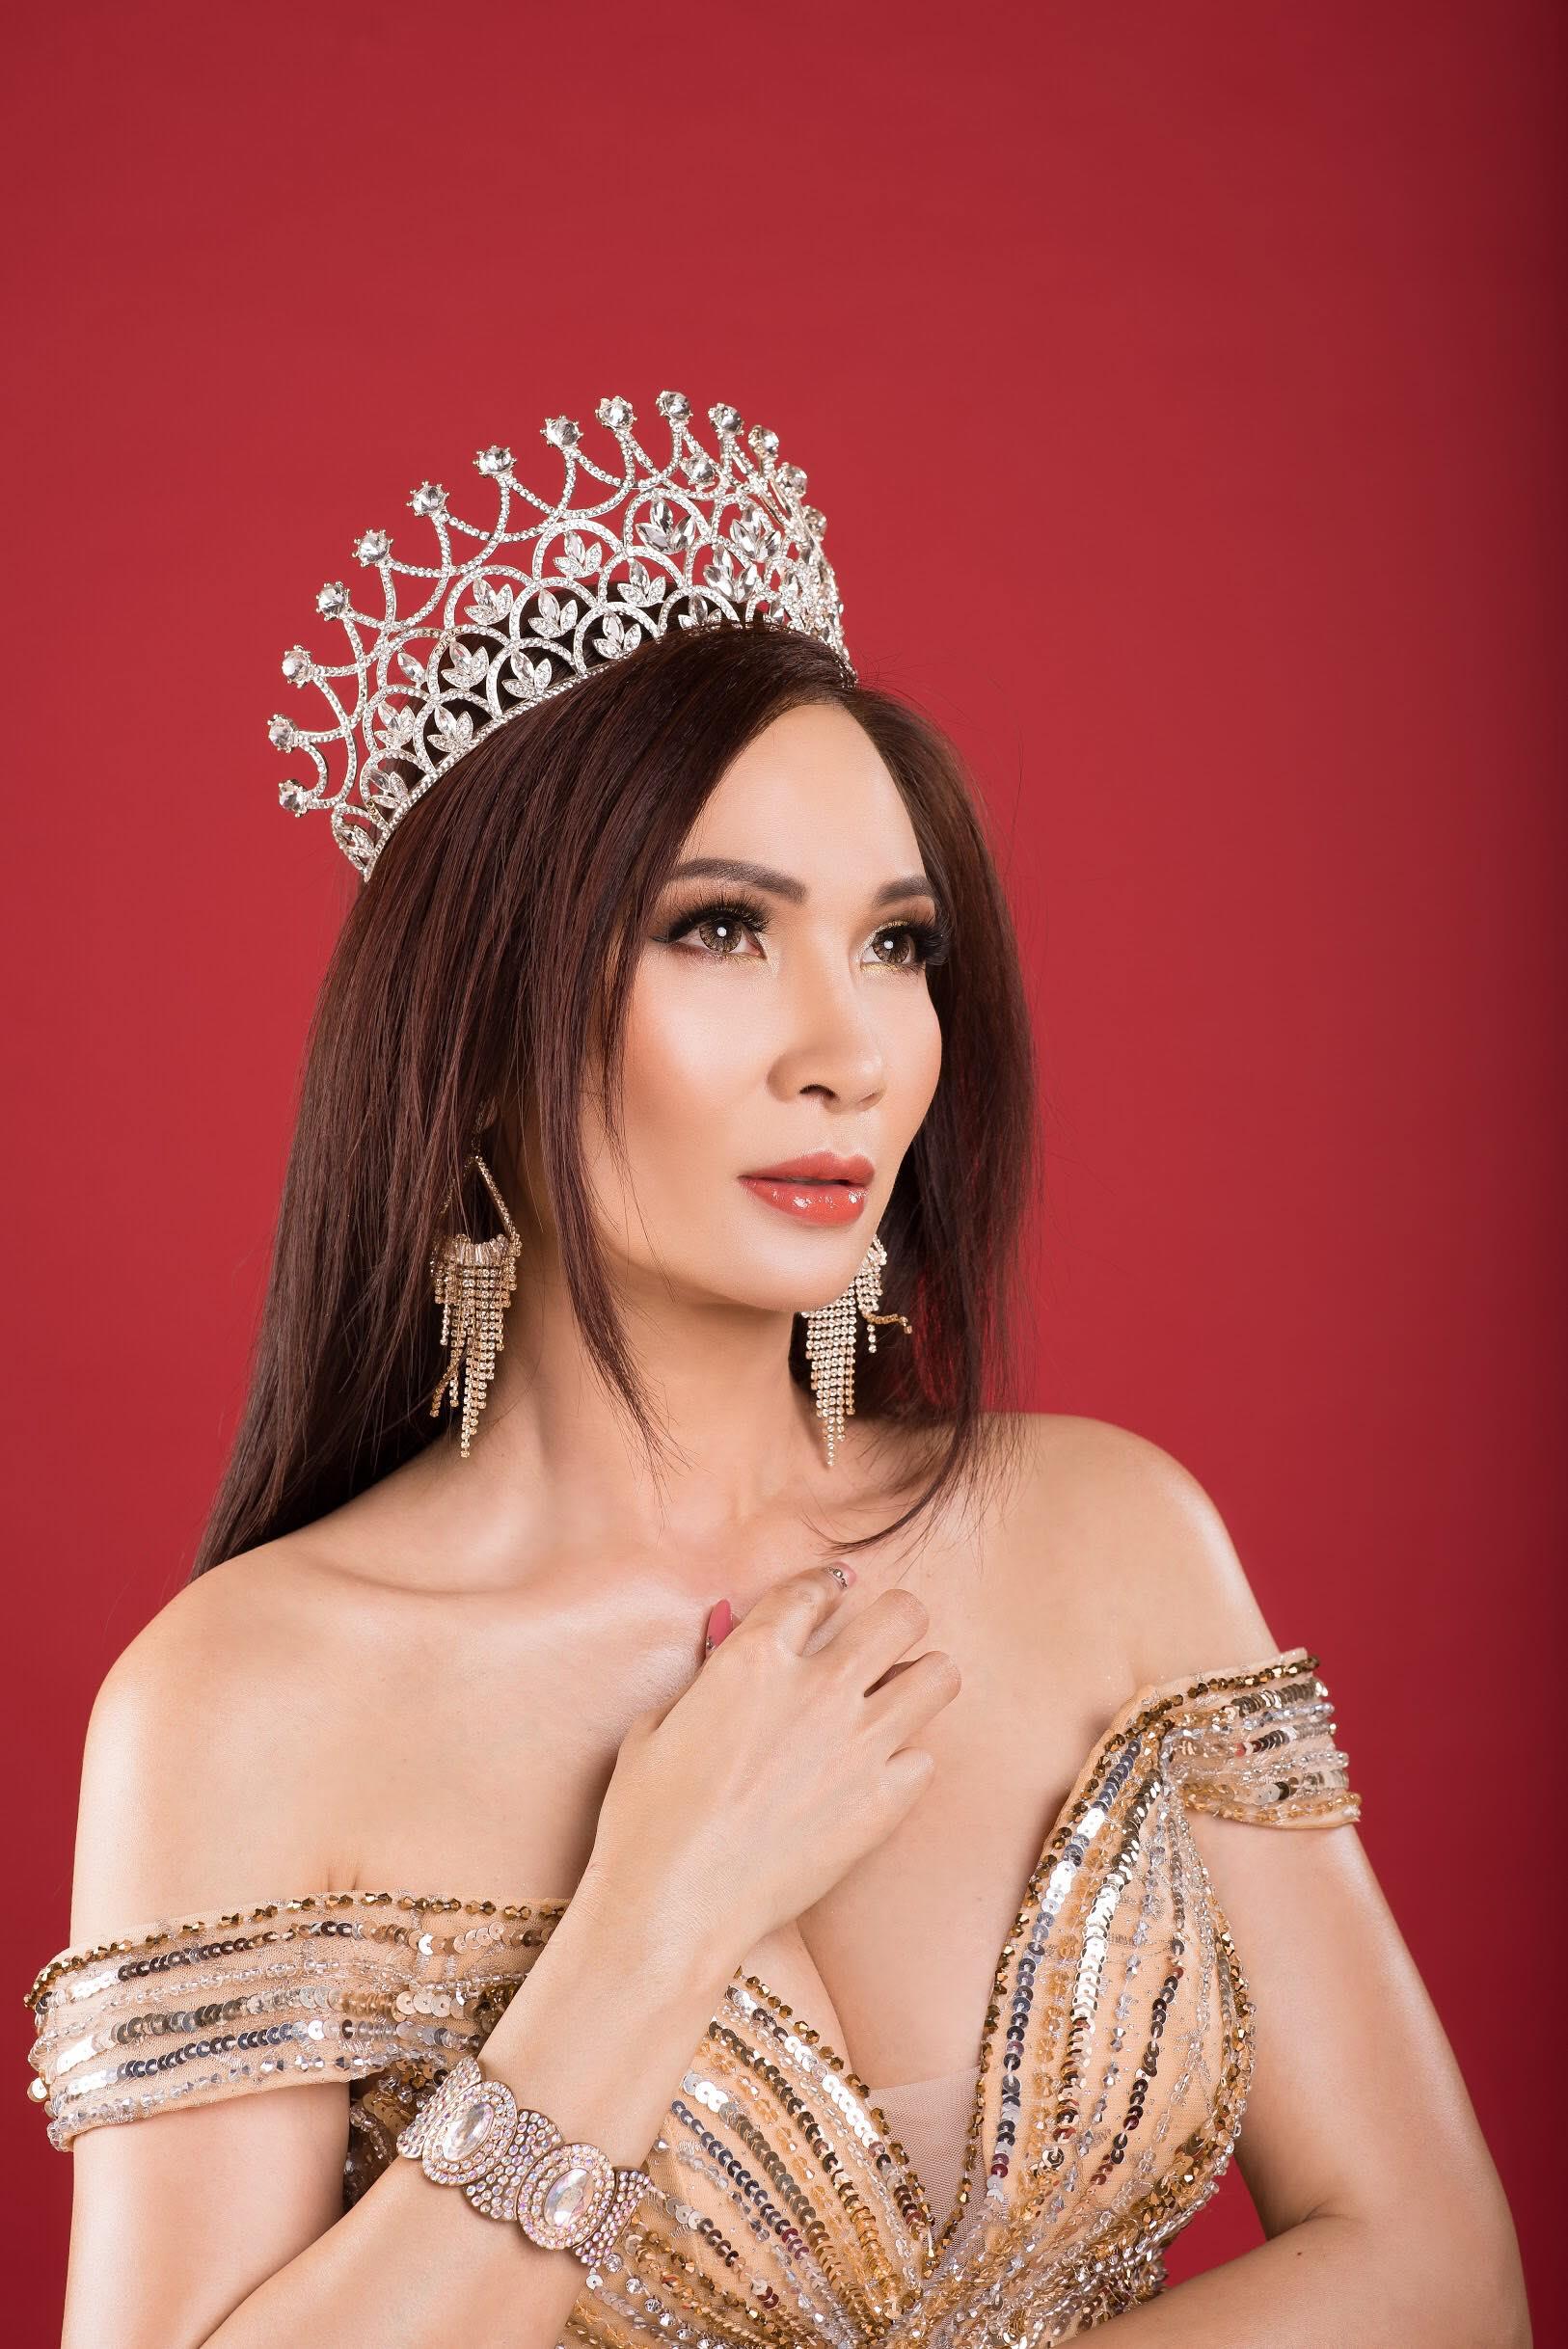 Hoa hậu VickyLin Đinh háo hức tổ chức cuộc thi nhan sắc tại Mỹ 3